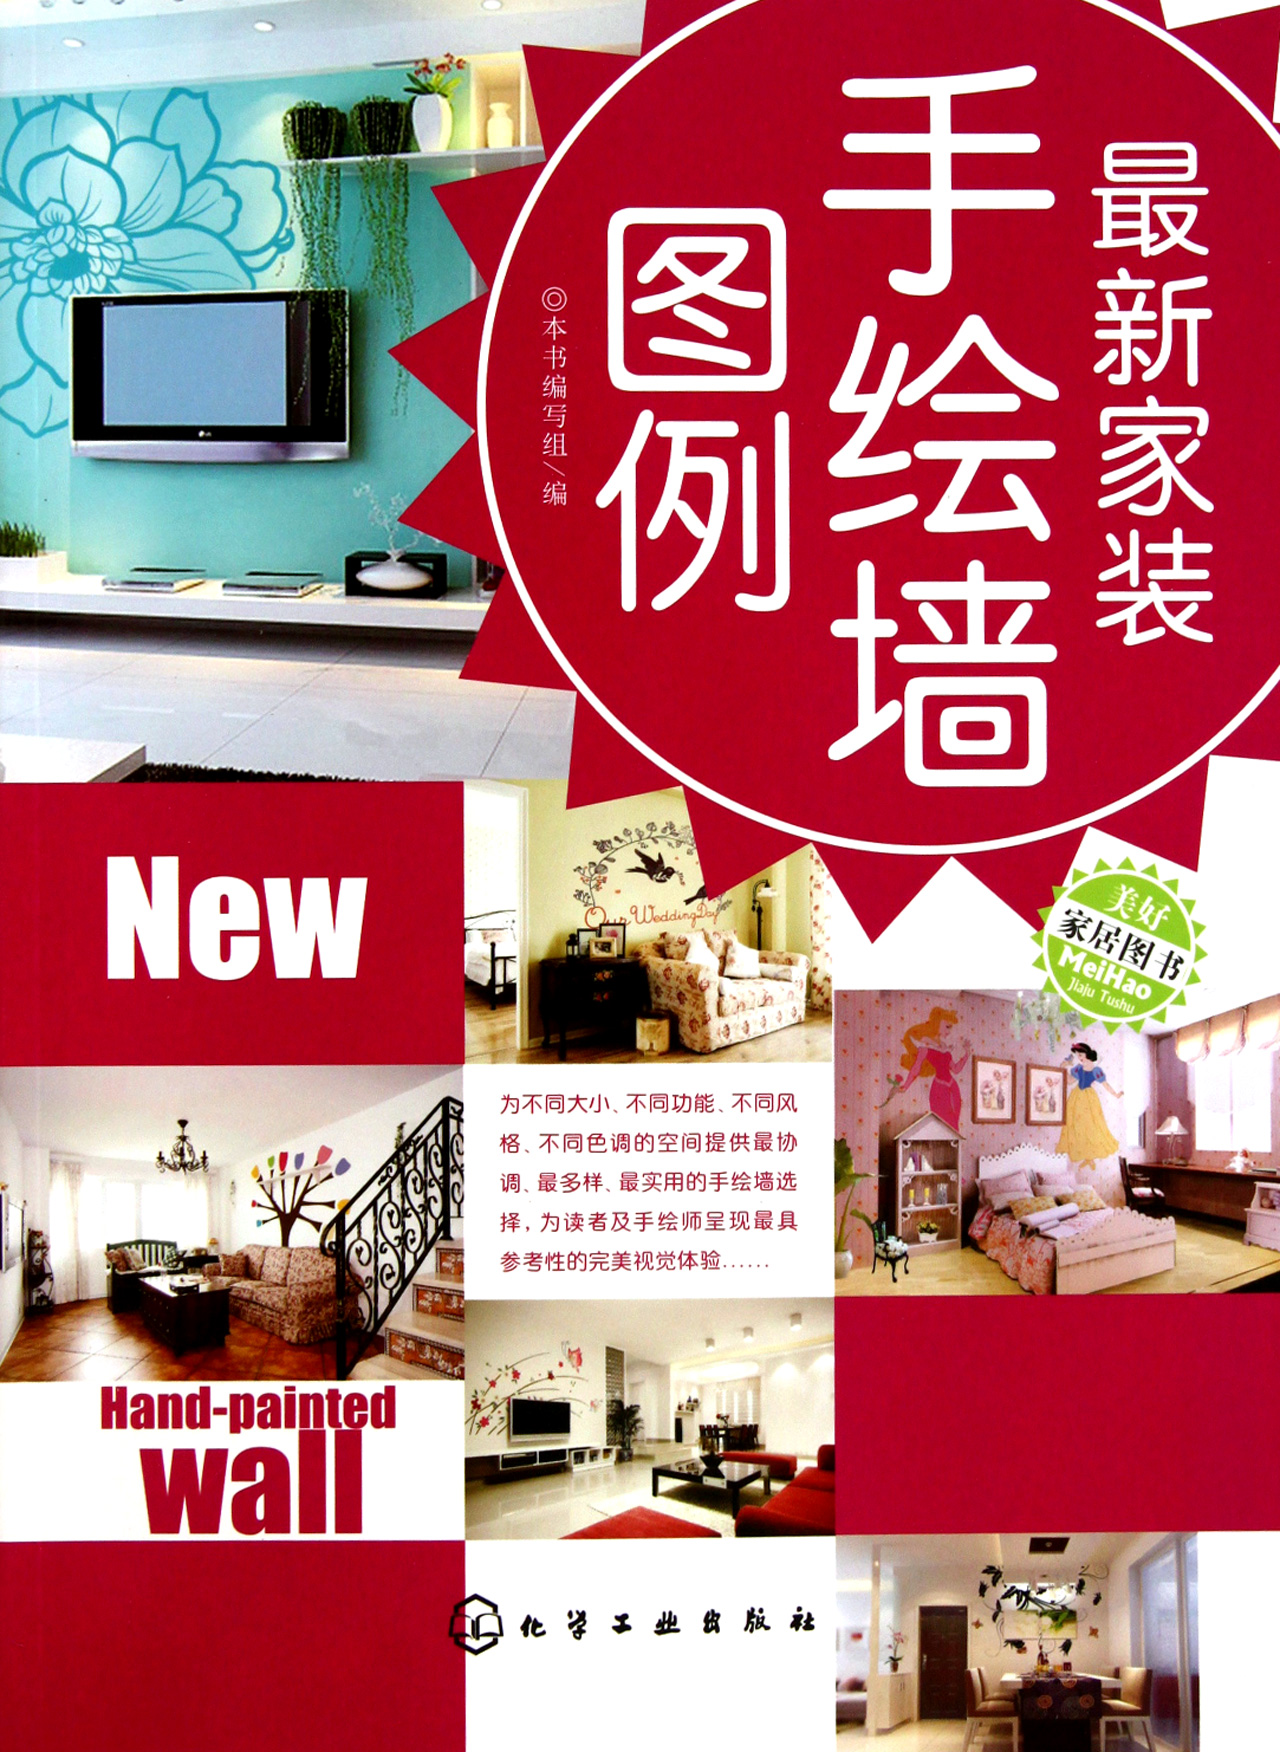 正版最新家装手绘墙图例*本书写组; 最新家装手绘墙图例本书编写组 编